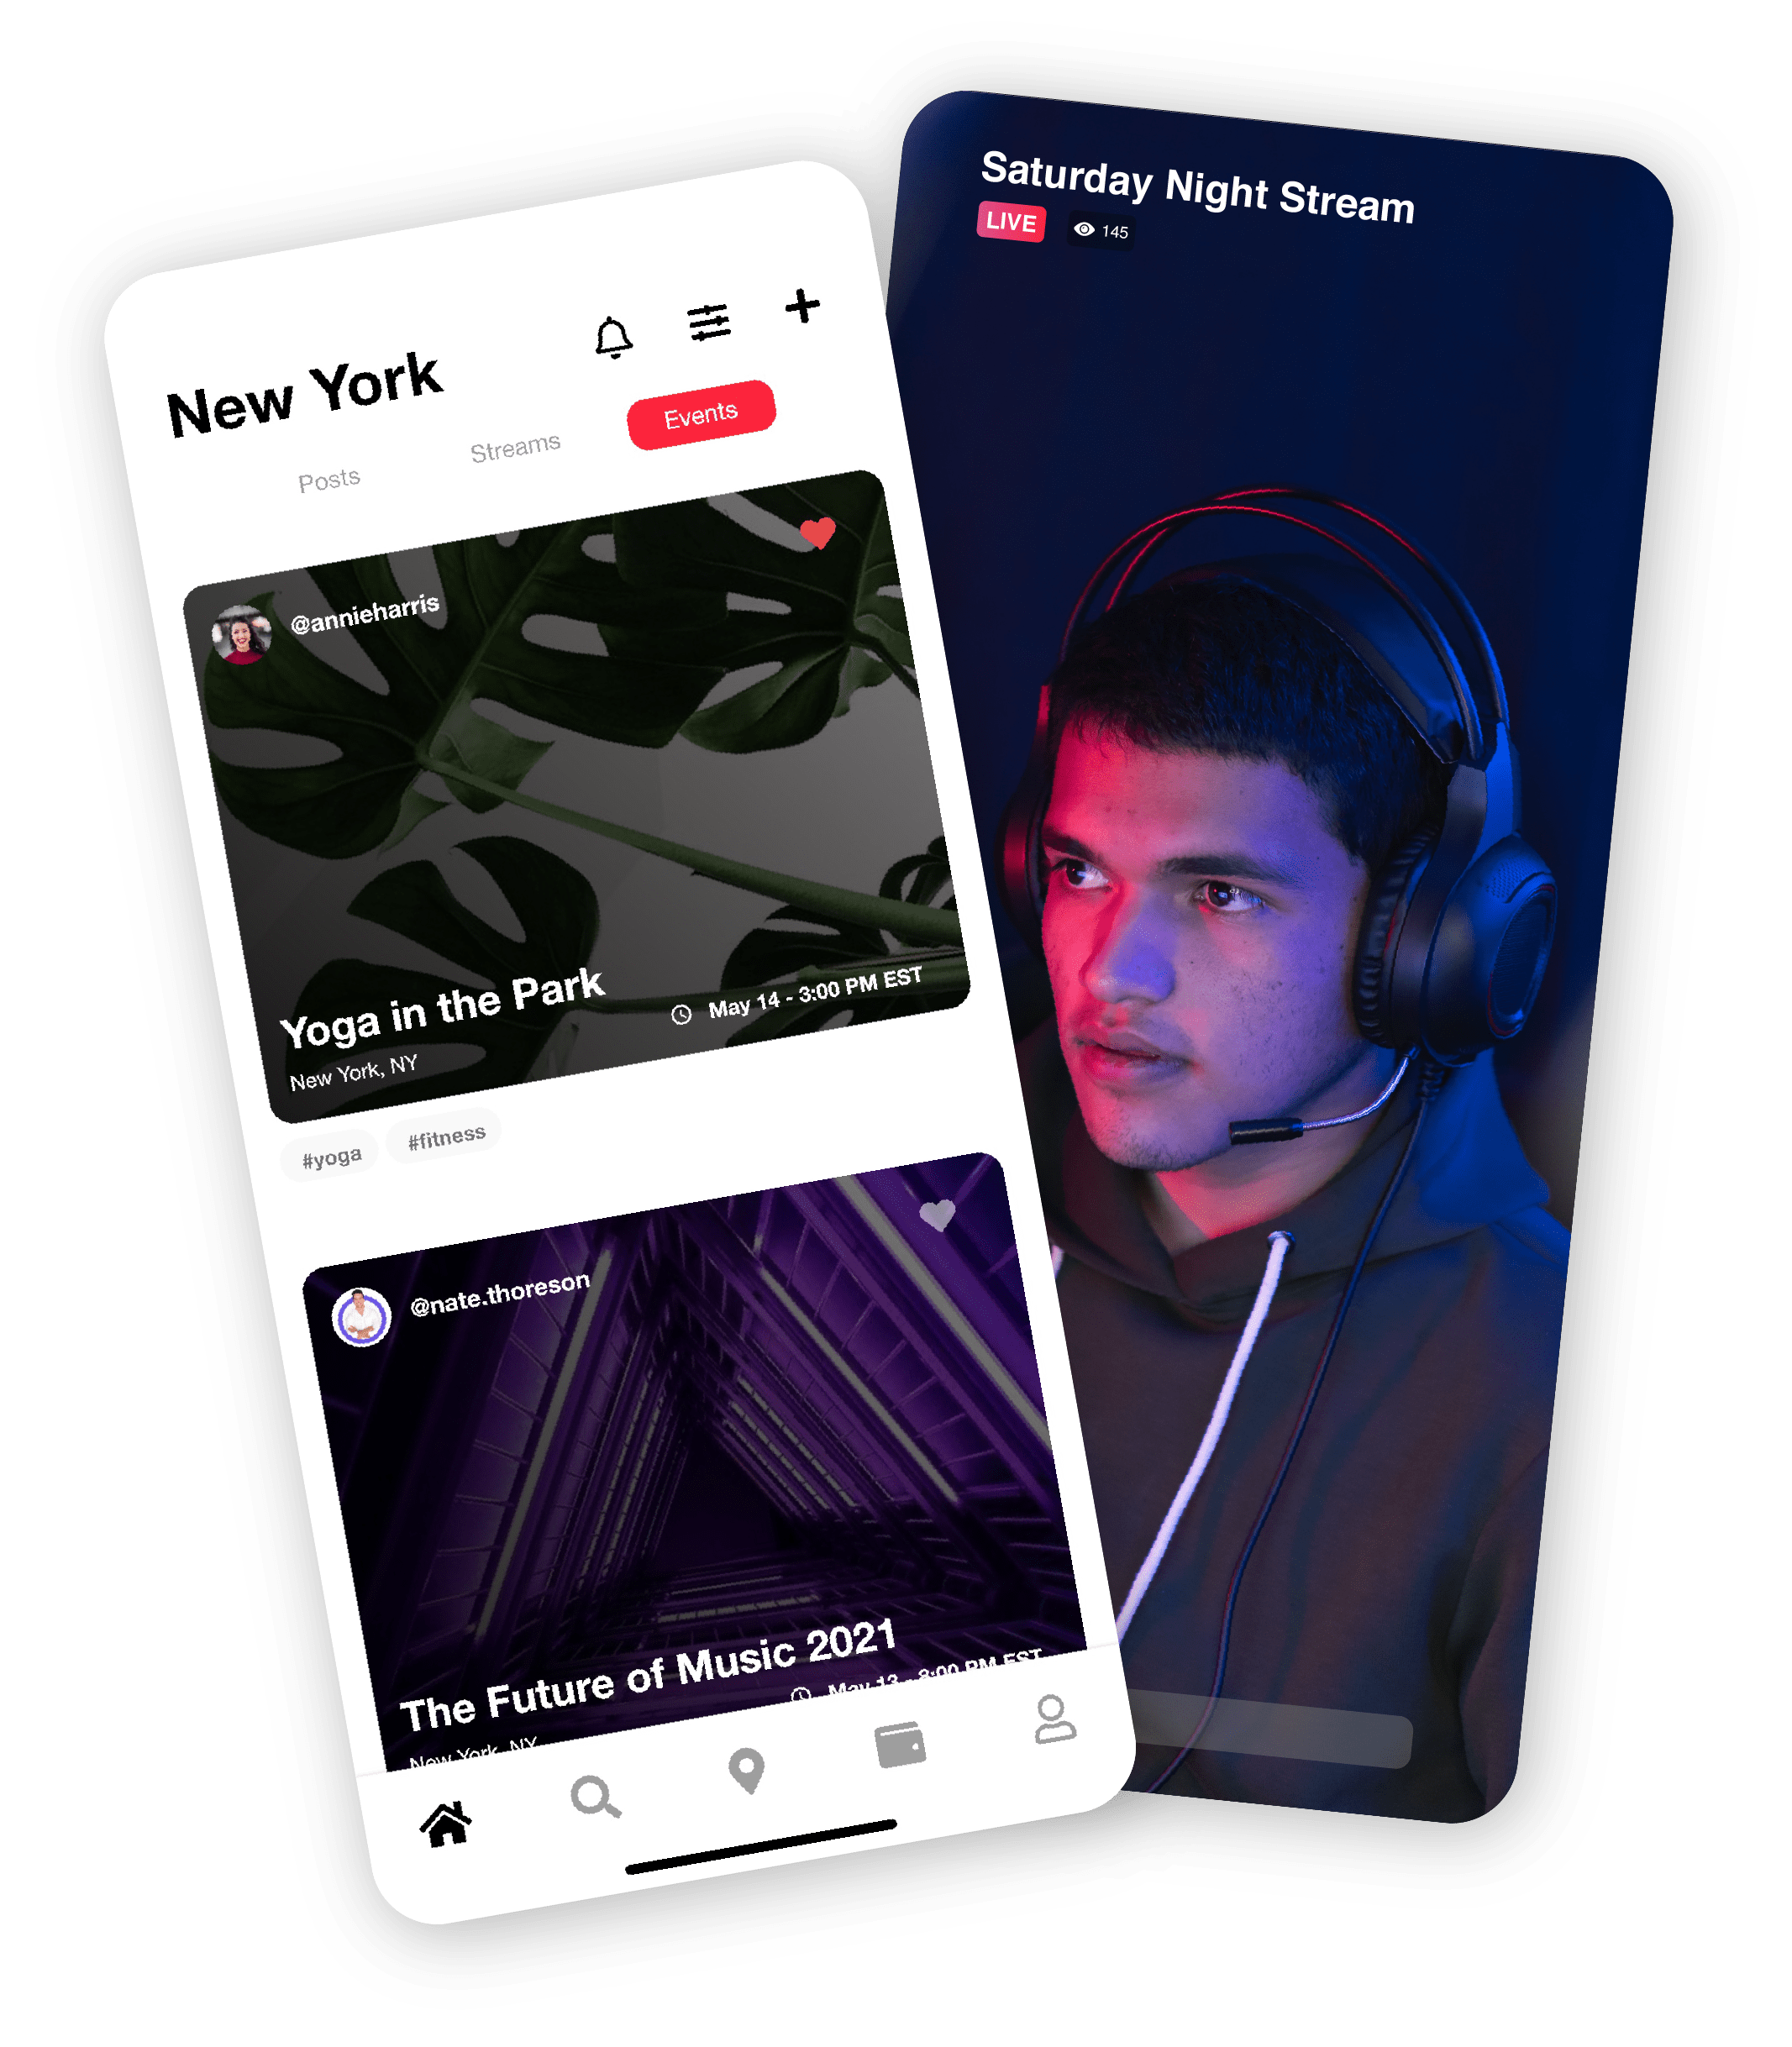 Webblen events on phones